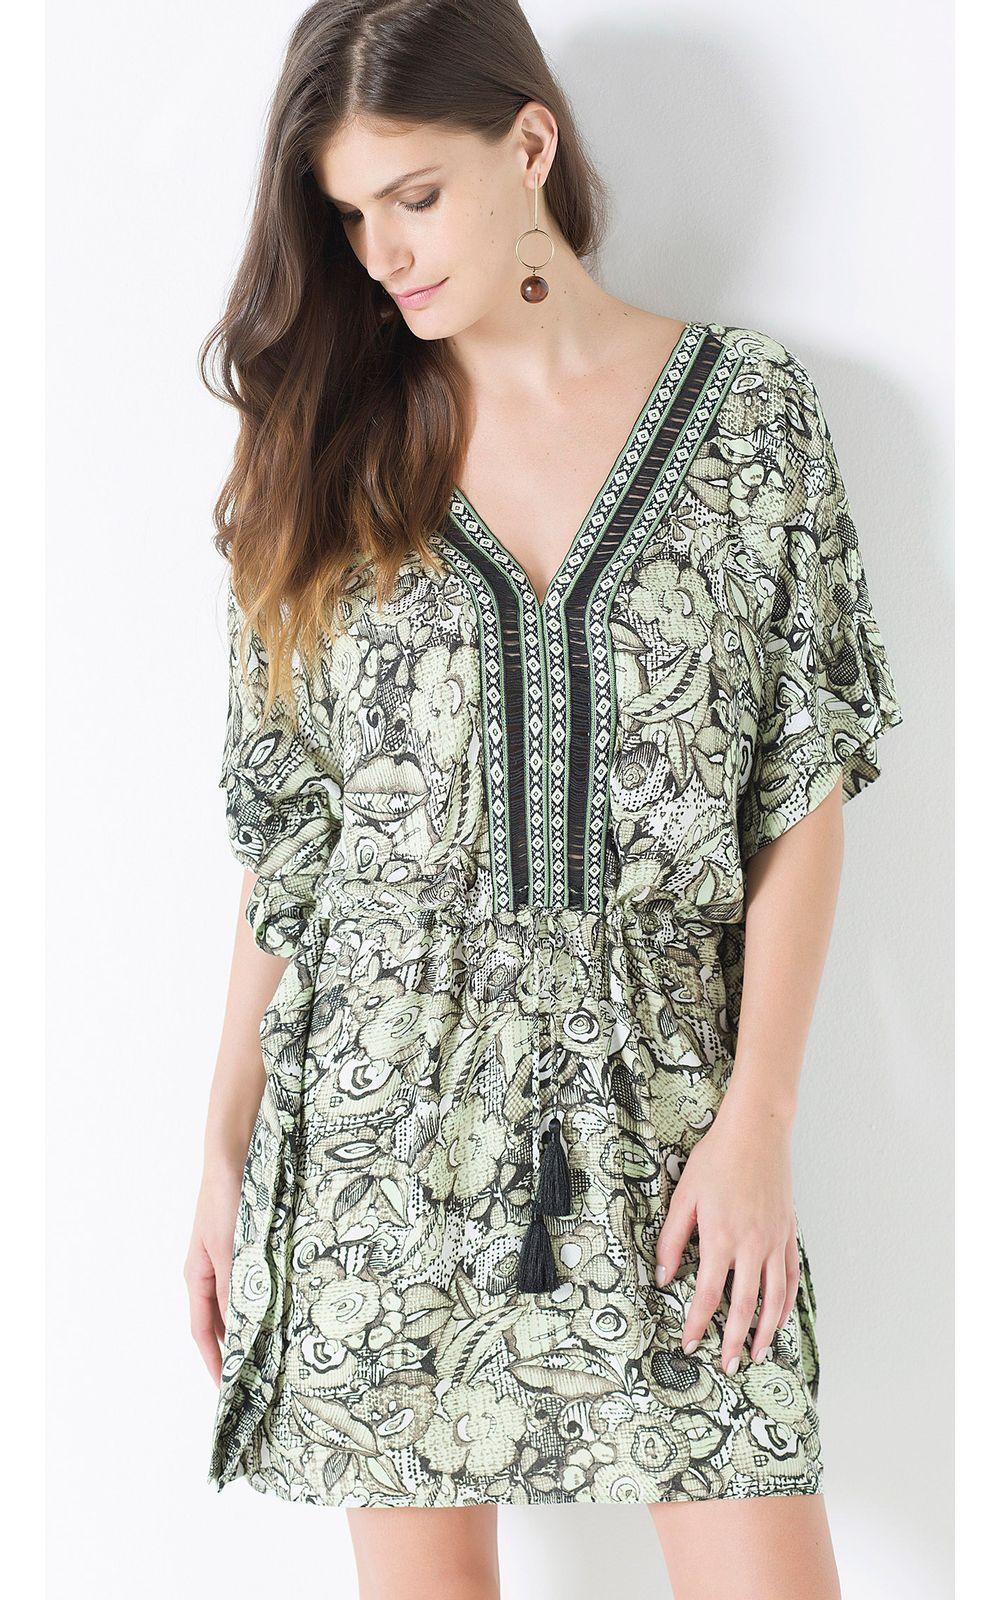 Moda - Moda Feminina e Moda Masculina Online   Opte+ 8c83b238a8